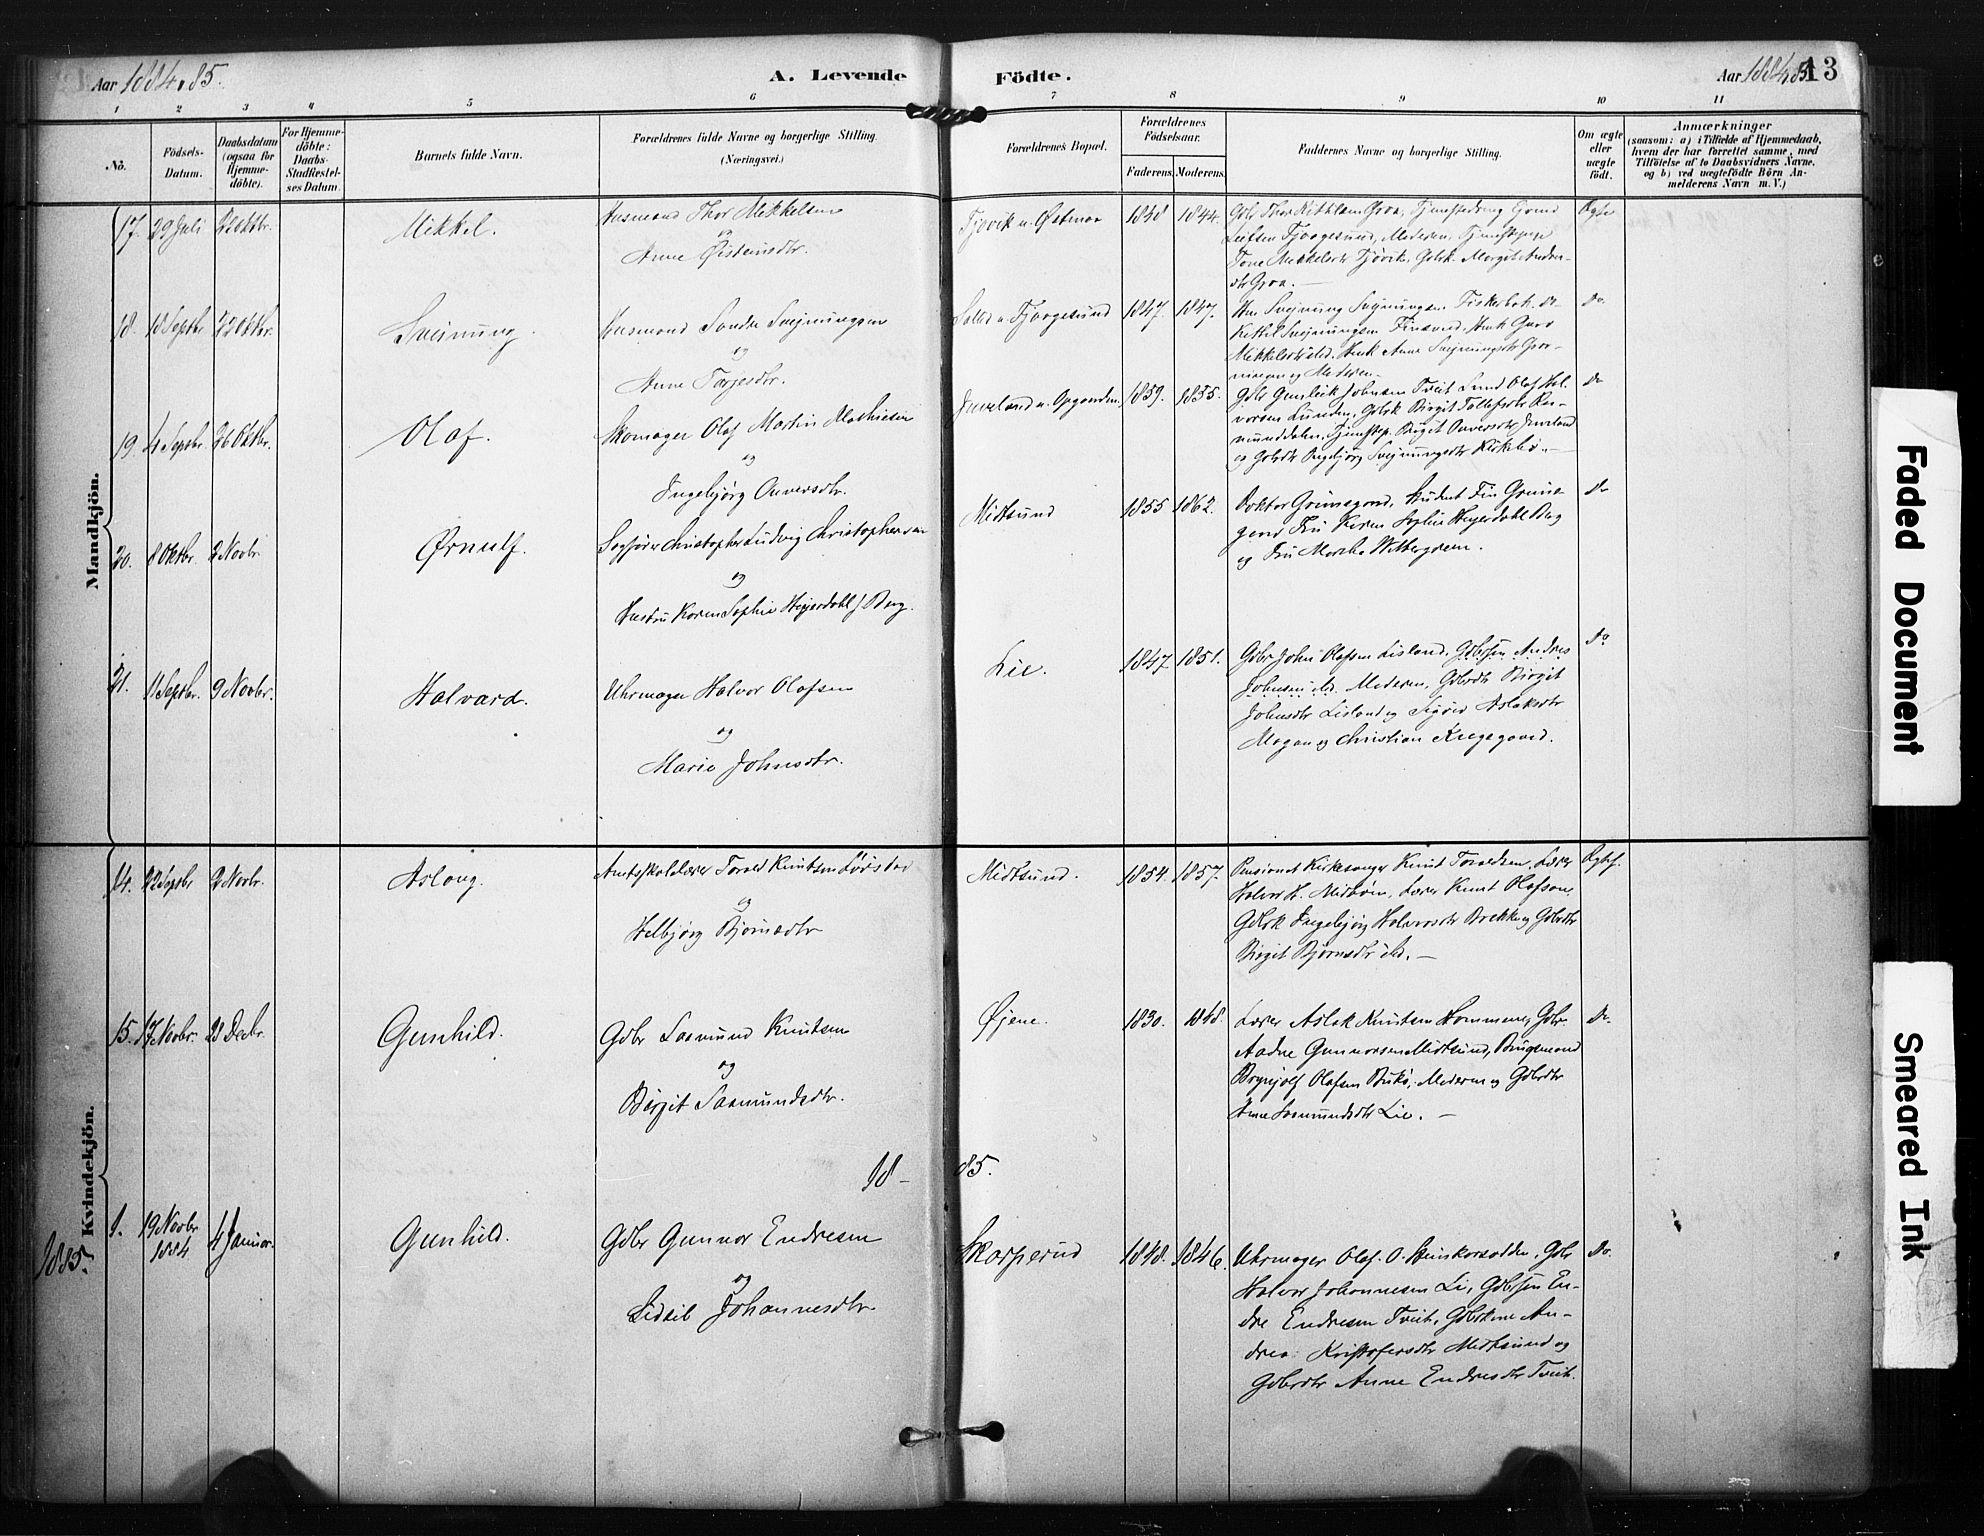 SAKO, Kviteseid kirkebøker, F/Fa/L0008: Ministerialbok nr. I 8, 1882-1903, s. 13